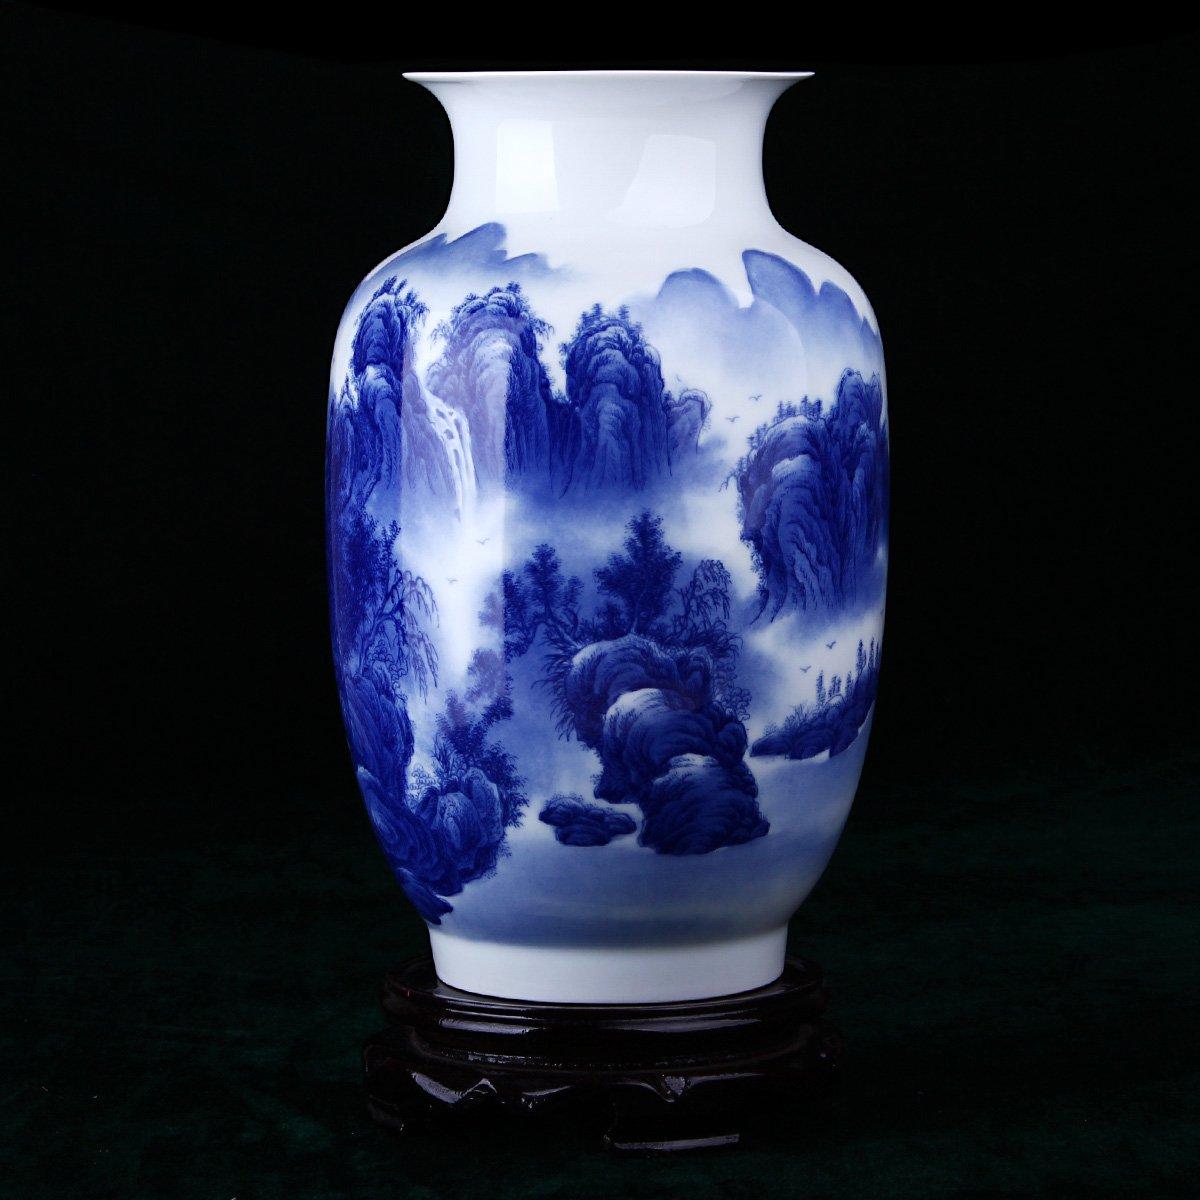 景德镇陶瓷手绘青花瓷花瓶